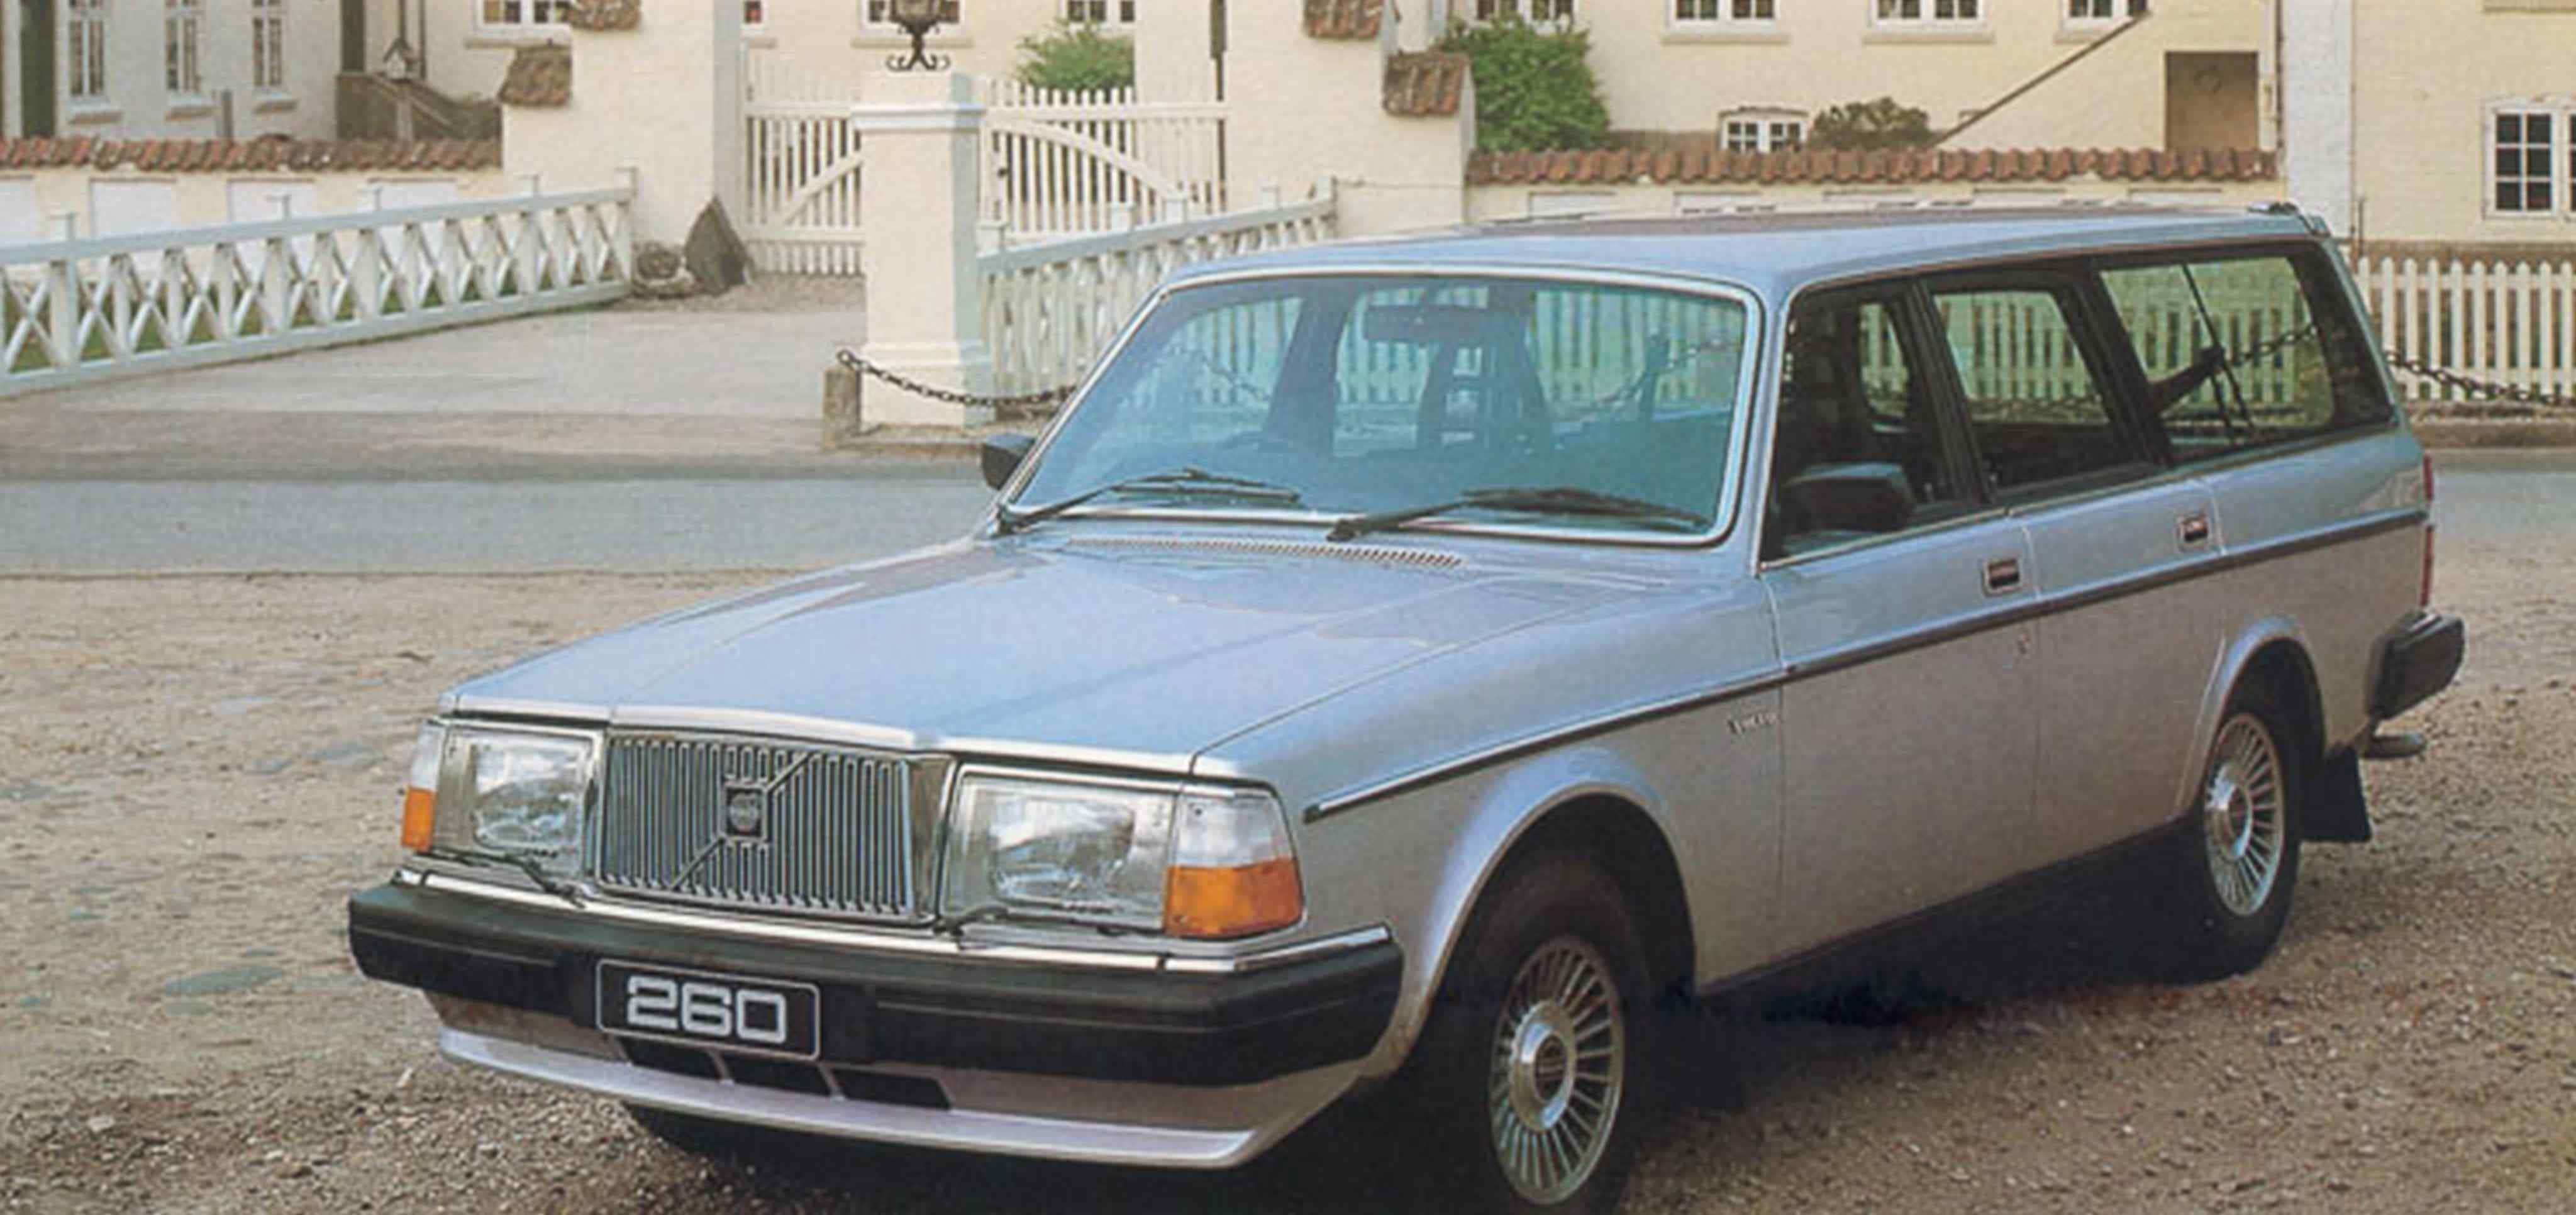 Un Volvo 260 de color azul claro aparcado a las puertas de una gran casa